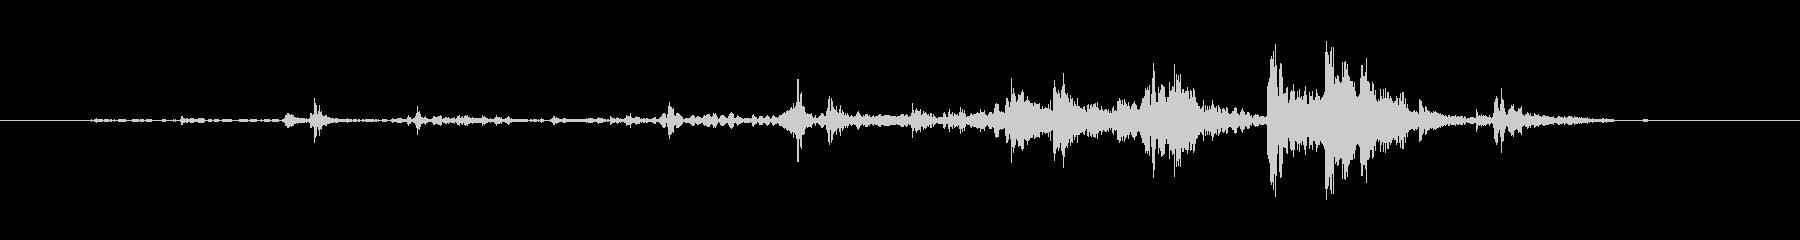 ガチャリ(鍵を拾うときの音)の未再生の波形